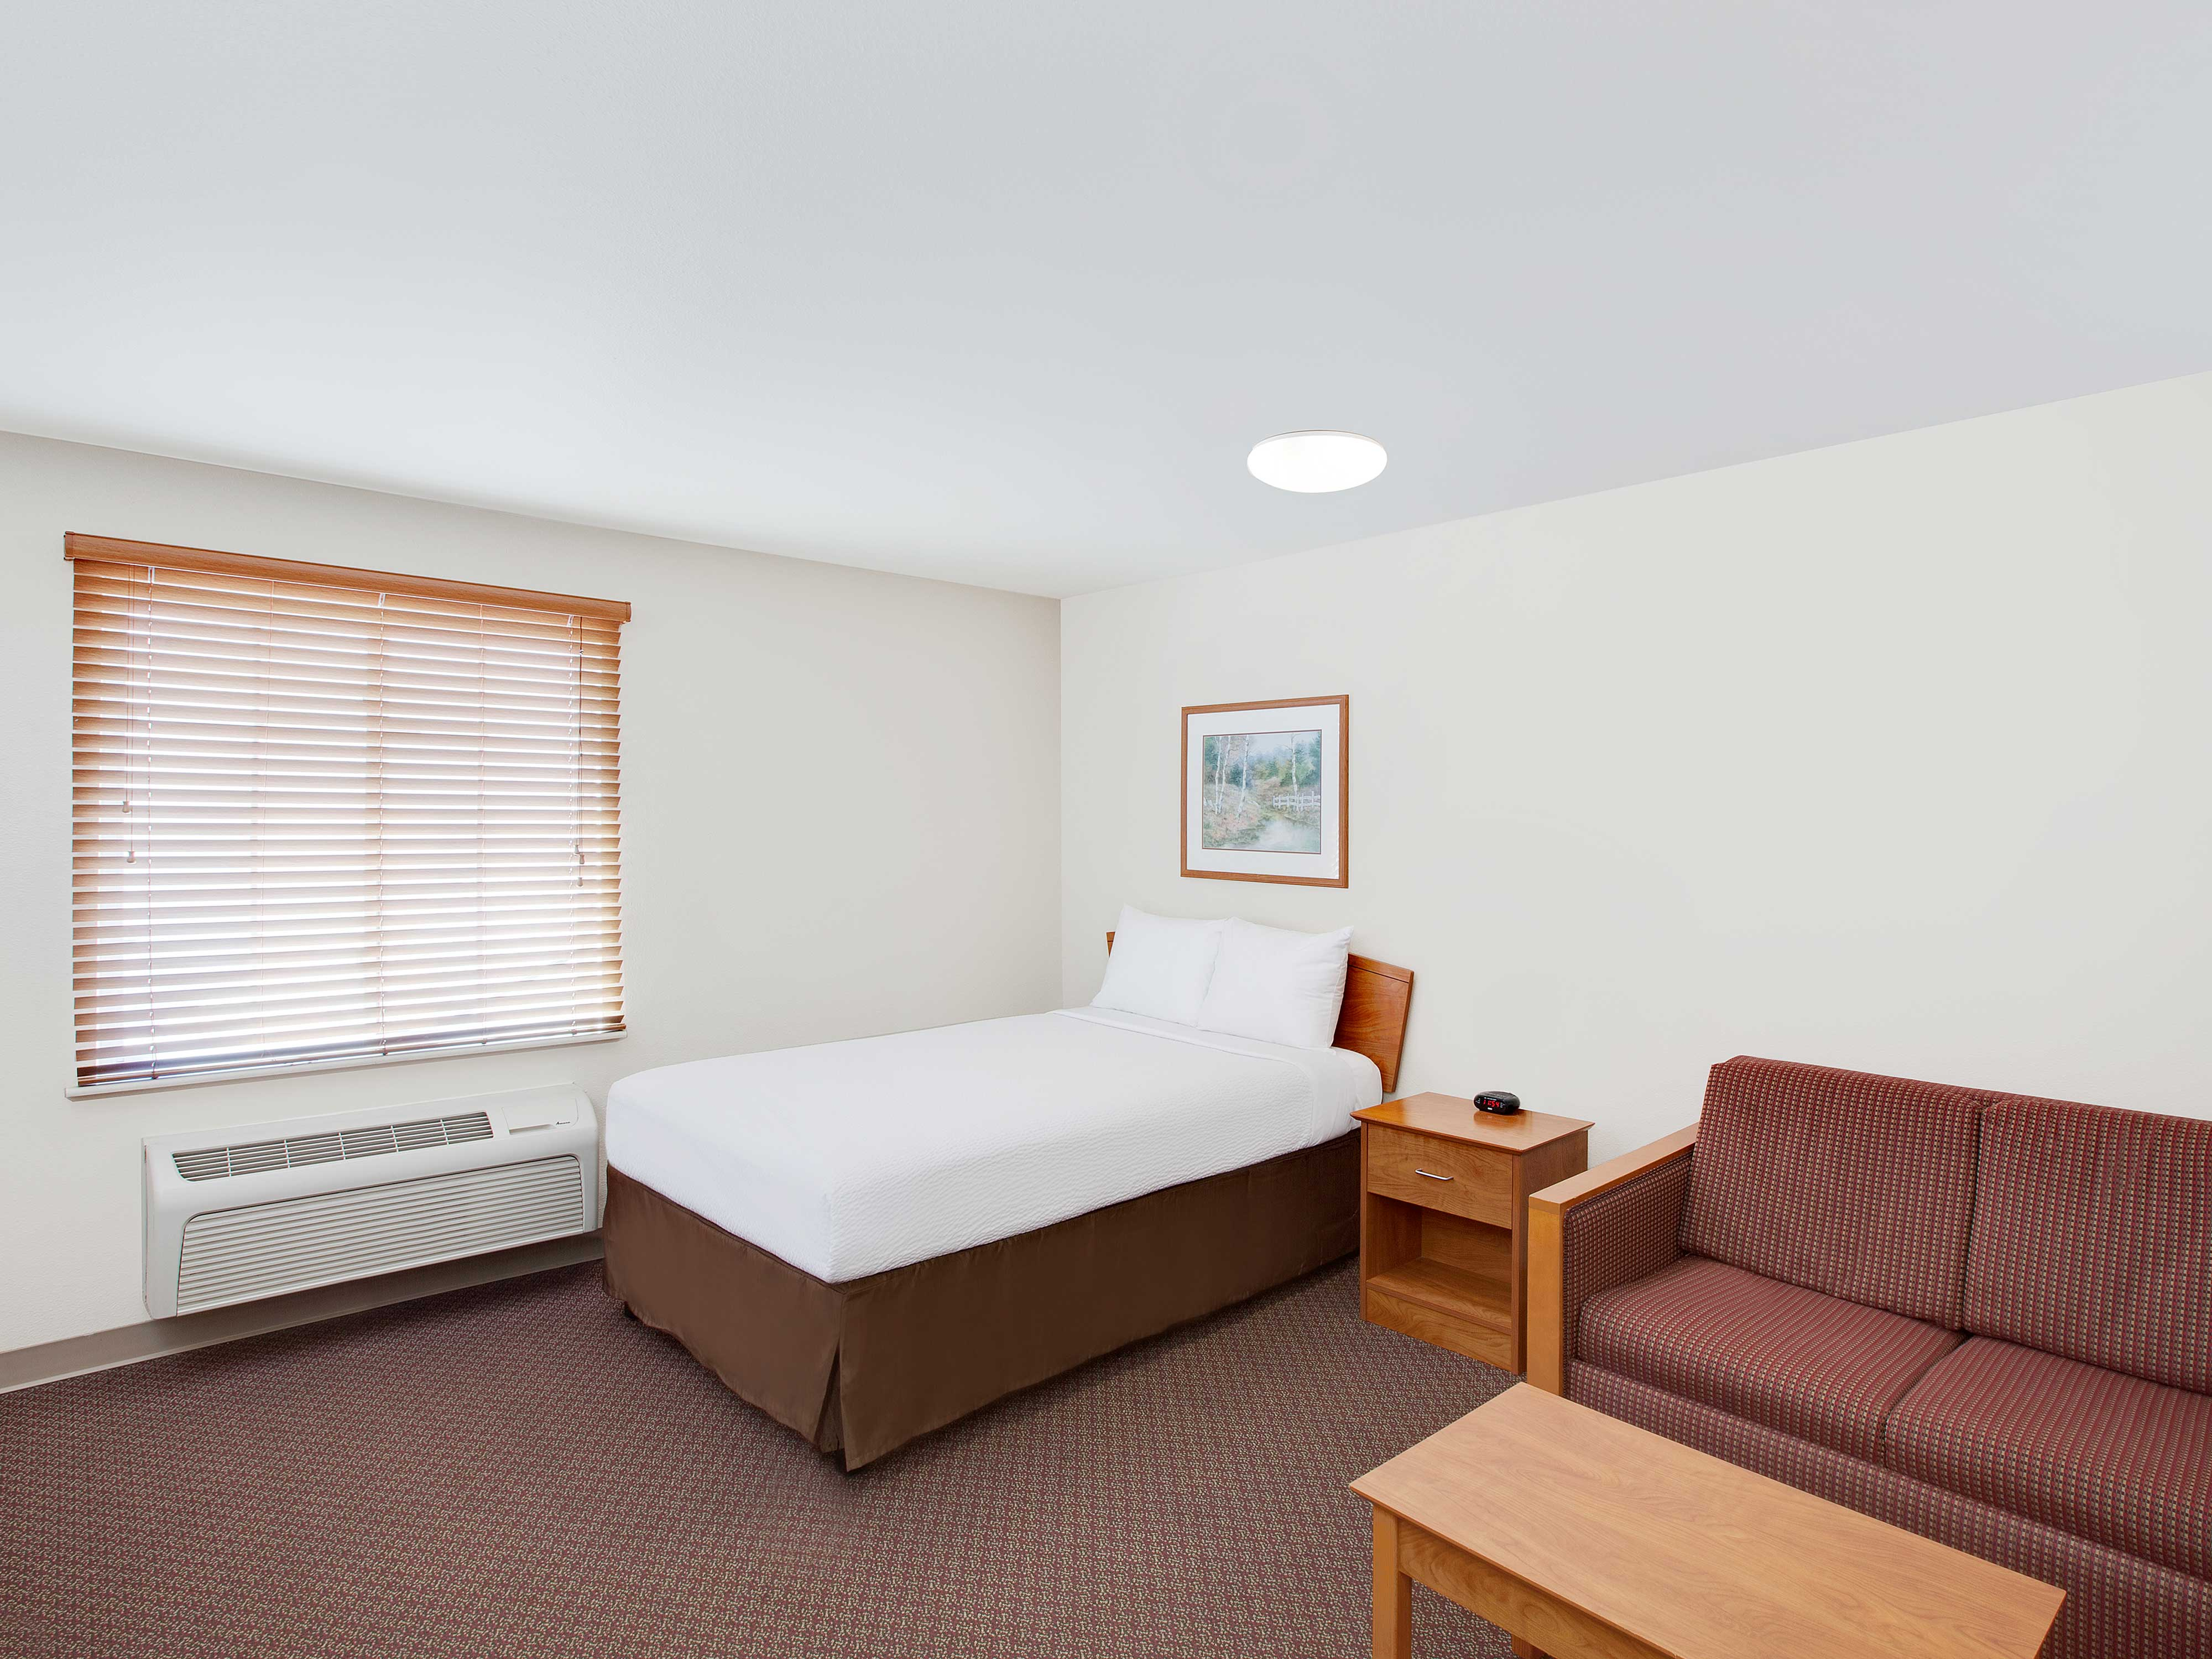 WoodSpring Suites Conroe